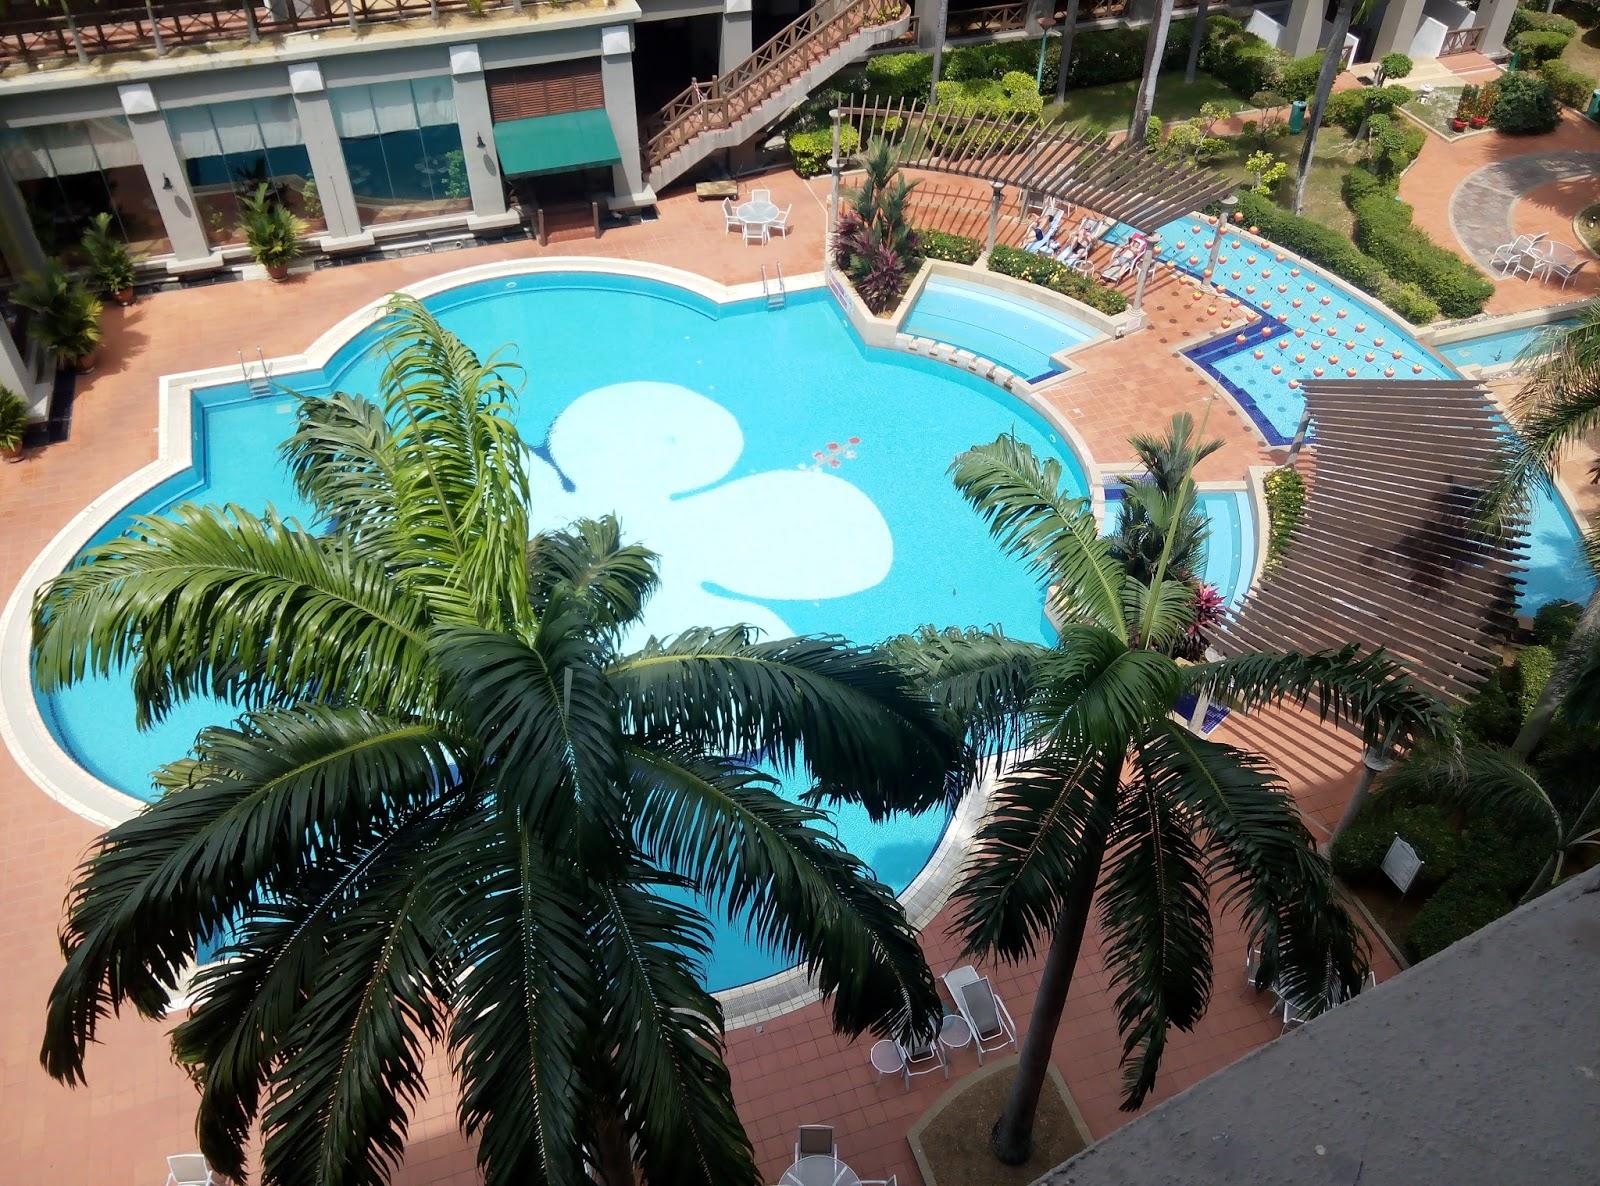 Di Mahkota Hotel Melaka Terdapat 2 Kolam Renang Luaran Serta Tempat Meletak Kereta Percuma Dia Pun Bersih Dan Tidak Terlalu Dalam